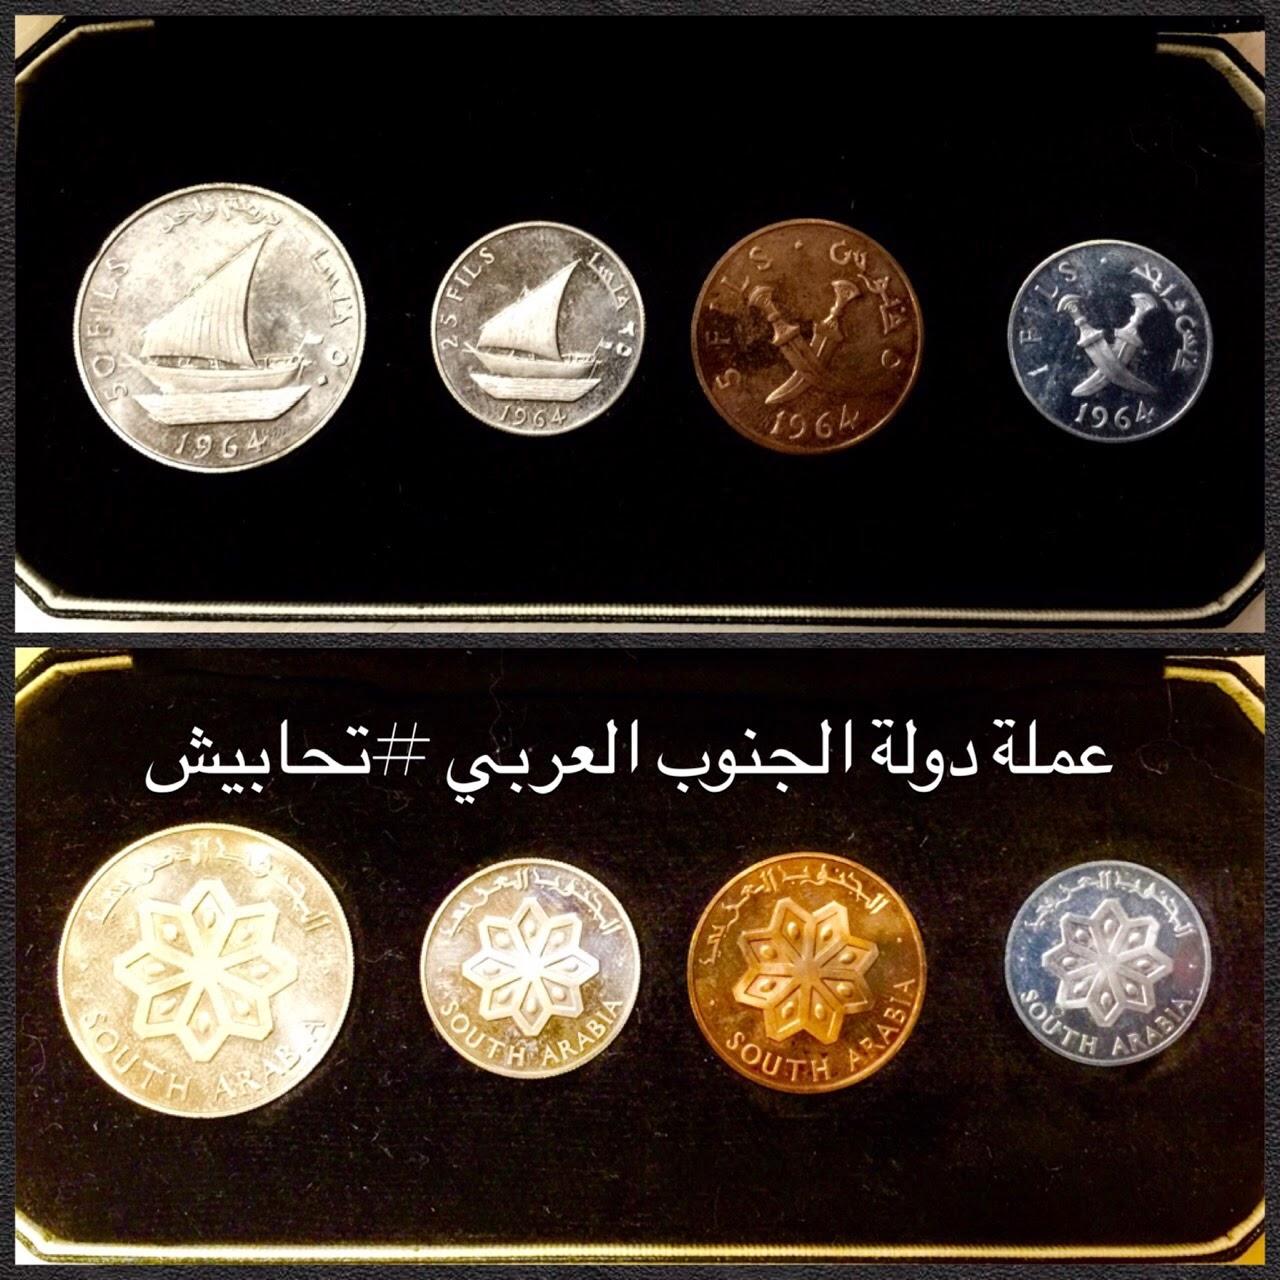 ثورة اليمن 1962 IMG_5977